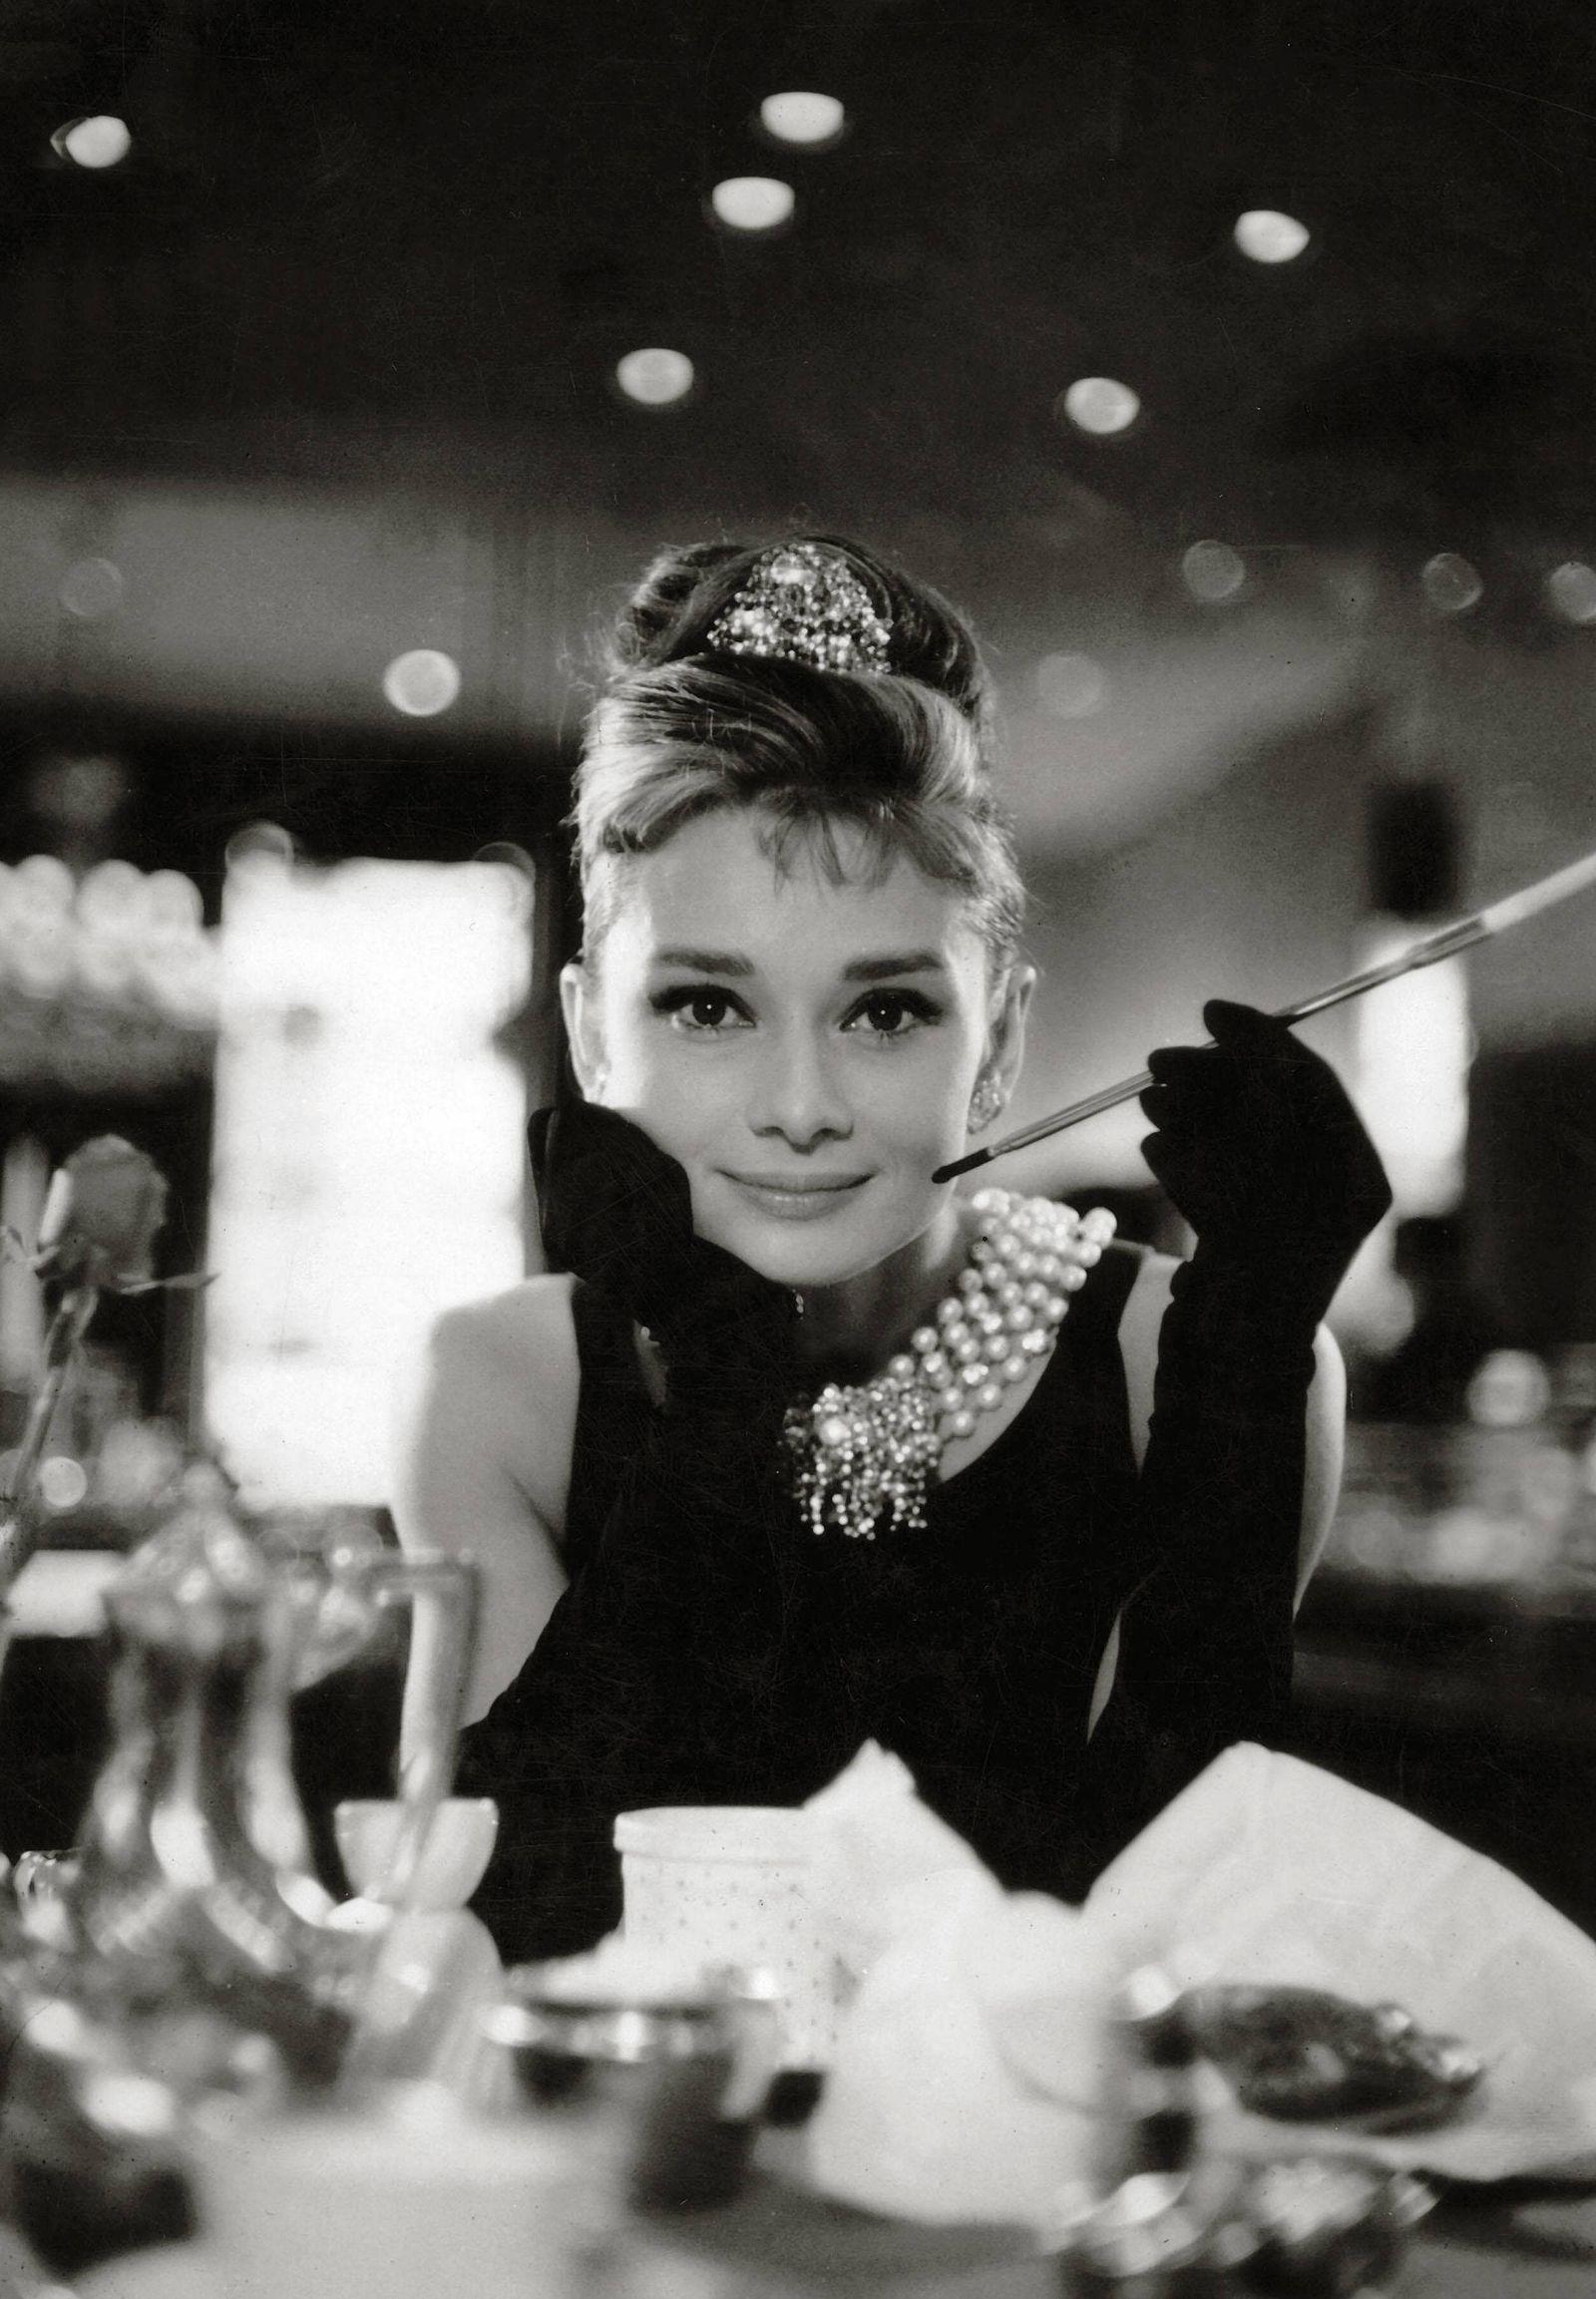 Audrey Hepburn Breakfast at Tiffany s 1961 Paramount PUBLICATIONxINxGERxSUIxAUTxONLY Copyright xHA